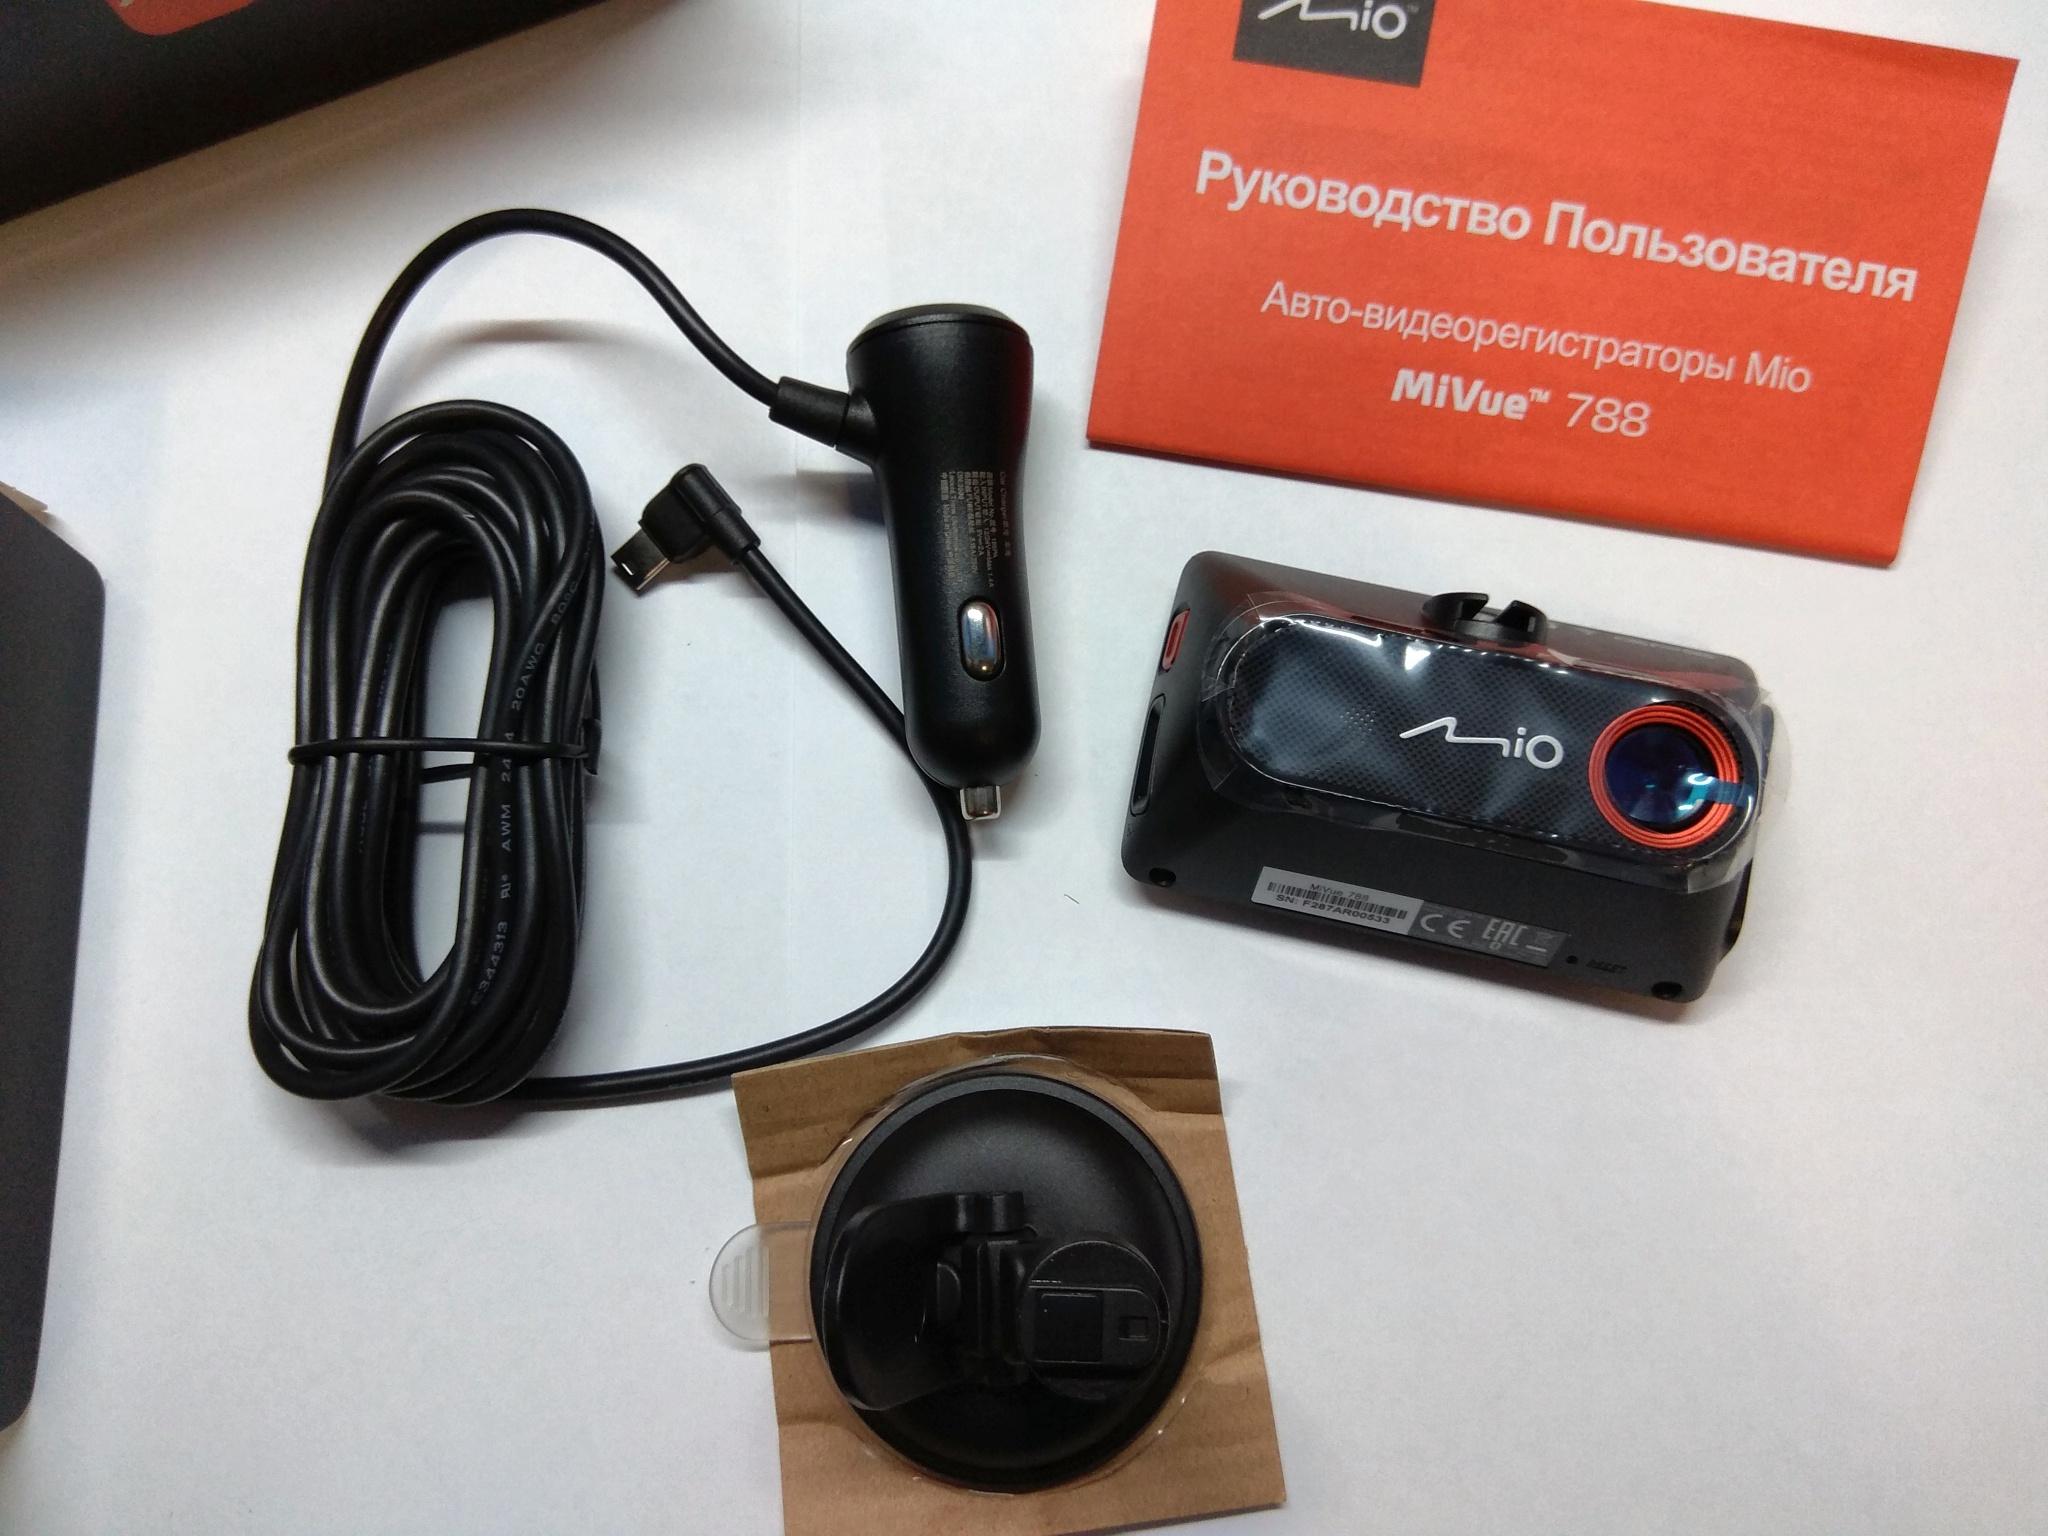 Какие видеорегистраторы за границей видеорегистратор qstar le4 купить